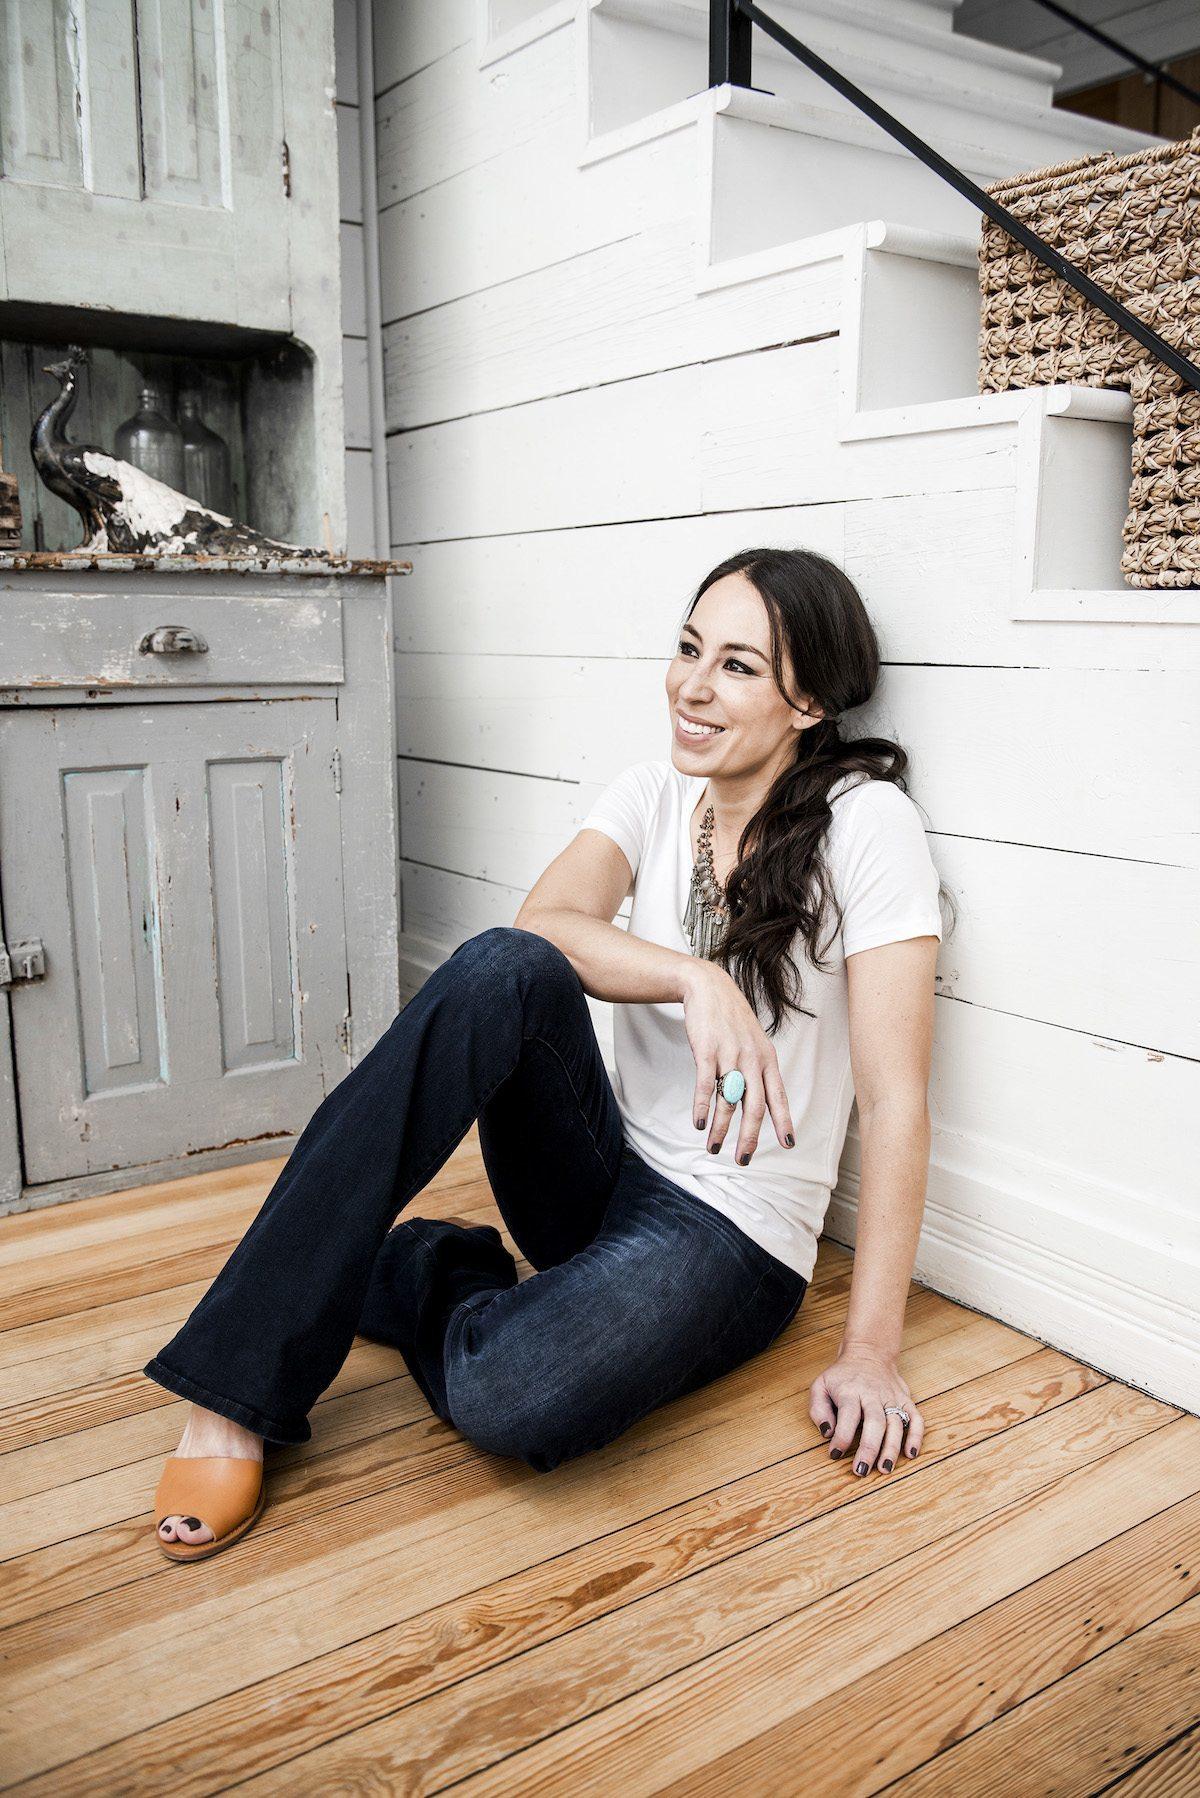 Joanna Gainess Feet Wikifeet